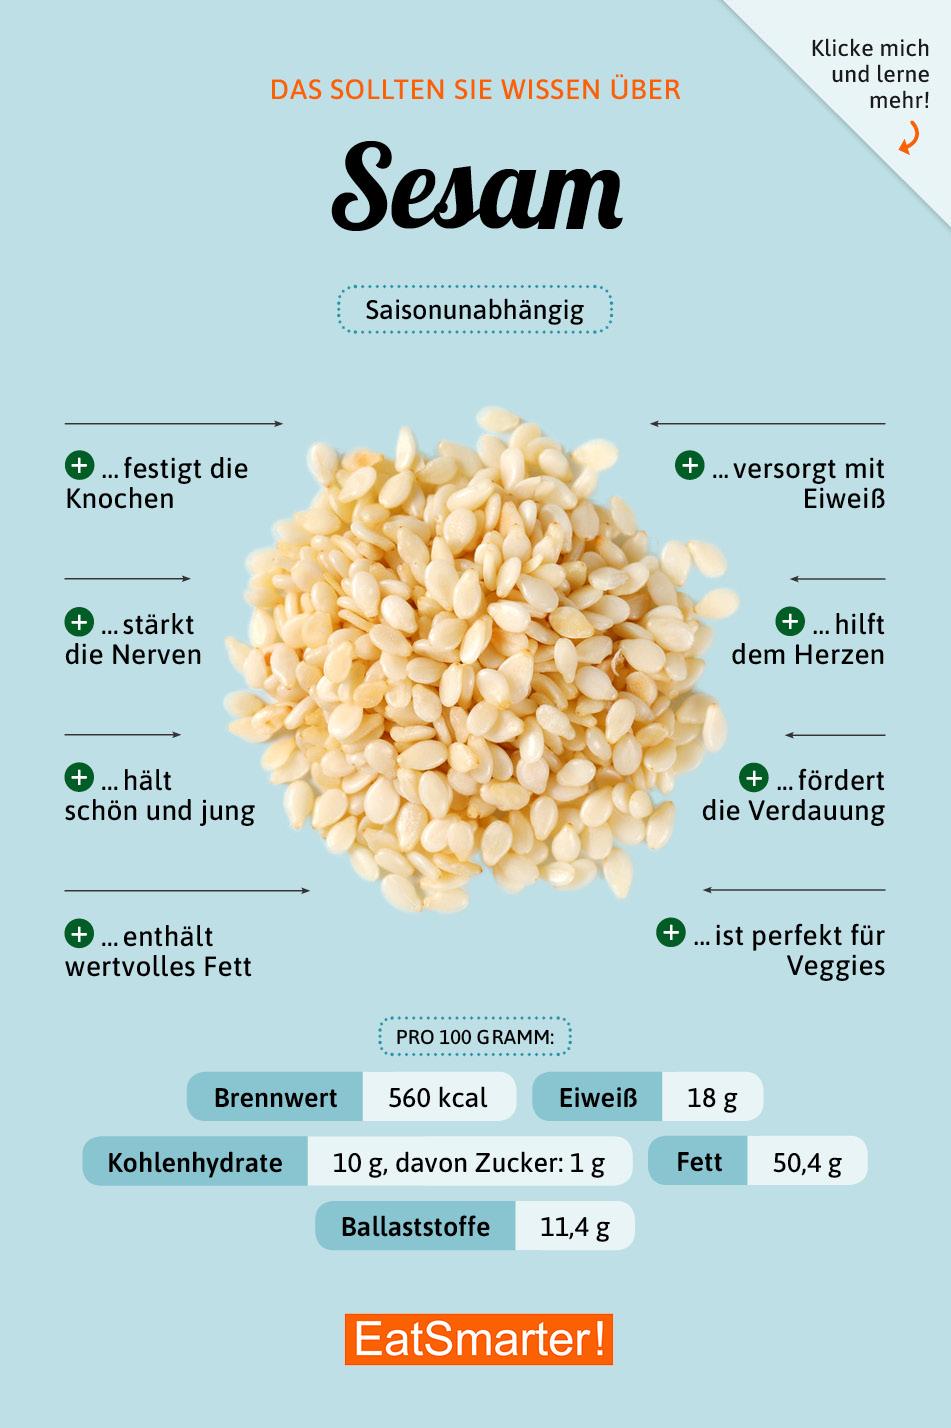 Beliebt Bevorzugt Sesam | EAT SMARTER &BP_19